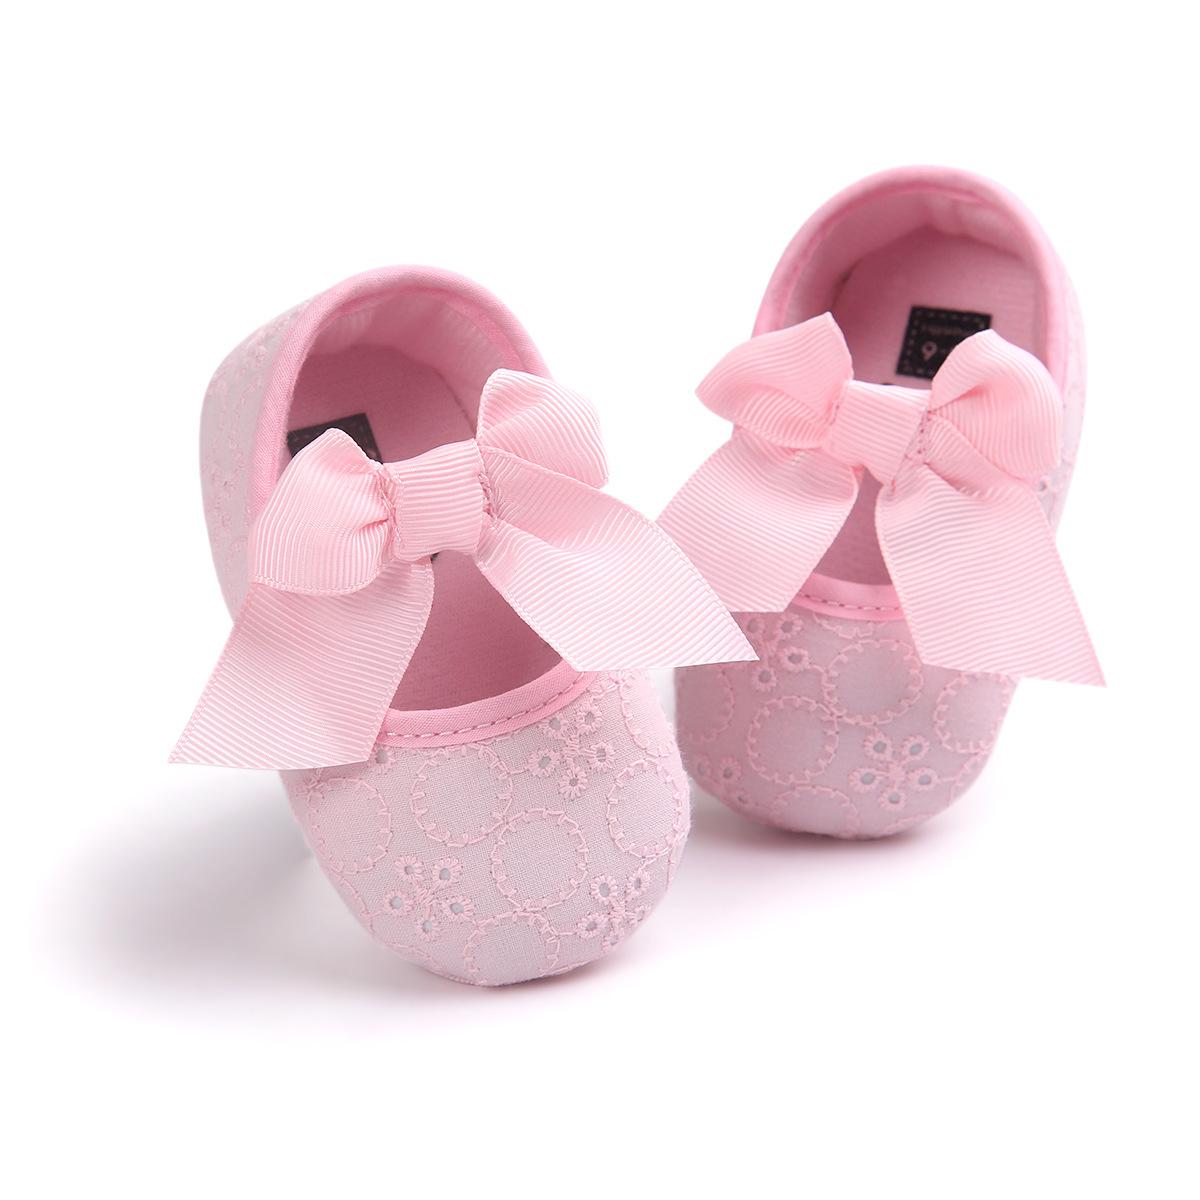 รองเท้าเด็กอ่อนโบว์ใหญ่ พื้นกันลื่น วัย 6-18 เดือน สีชมพู